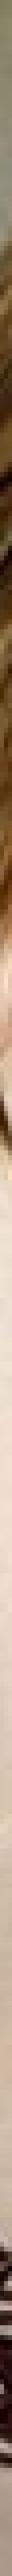 Leann Rimes Amazing Grace